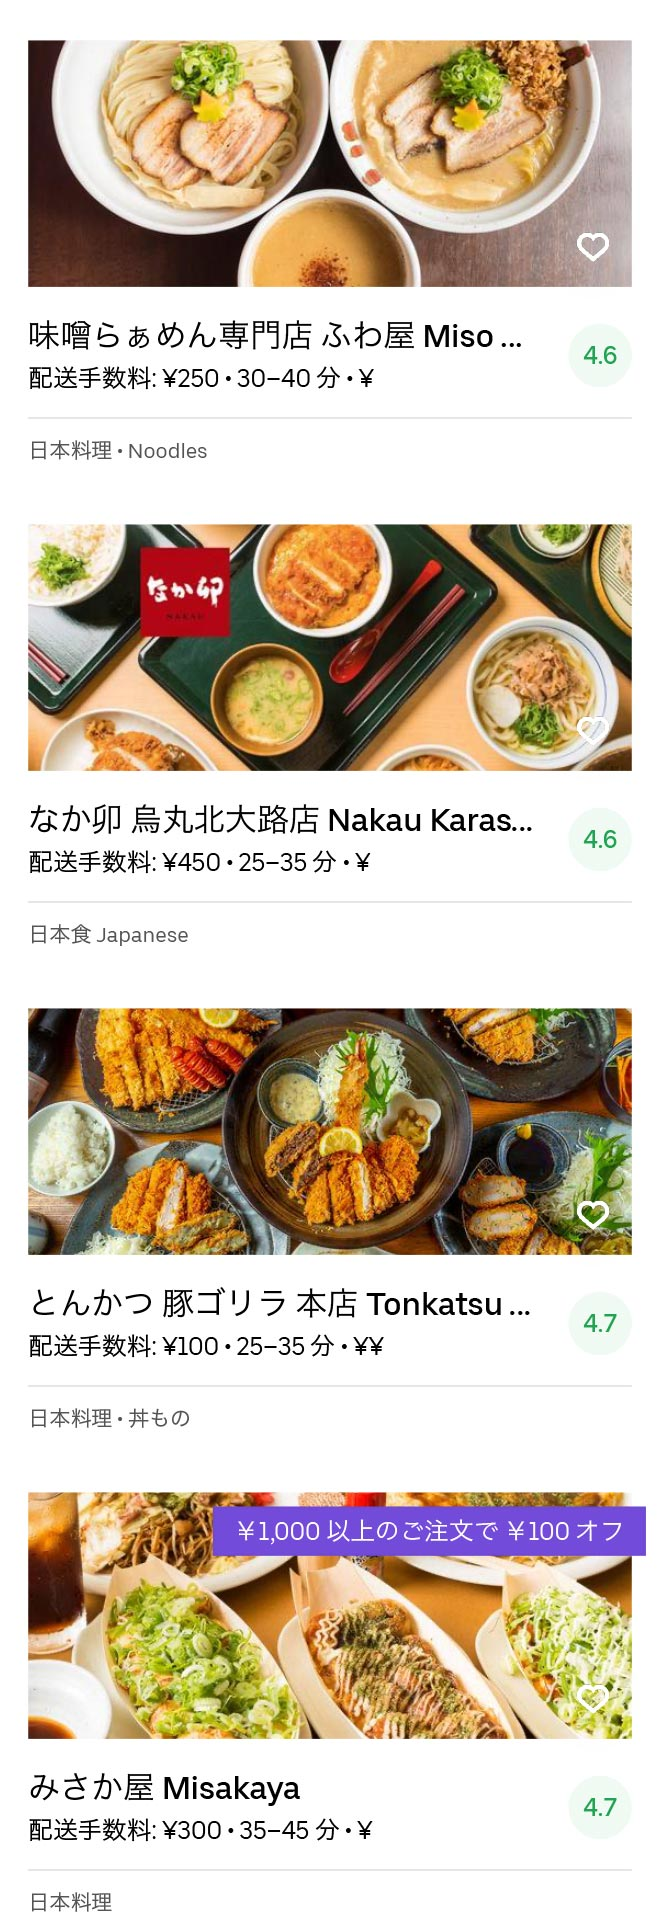 Kyoto hanazono menu 2005 11